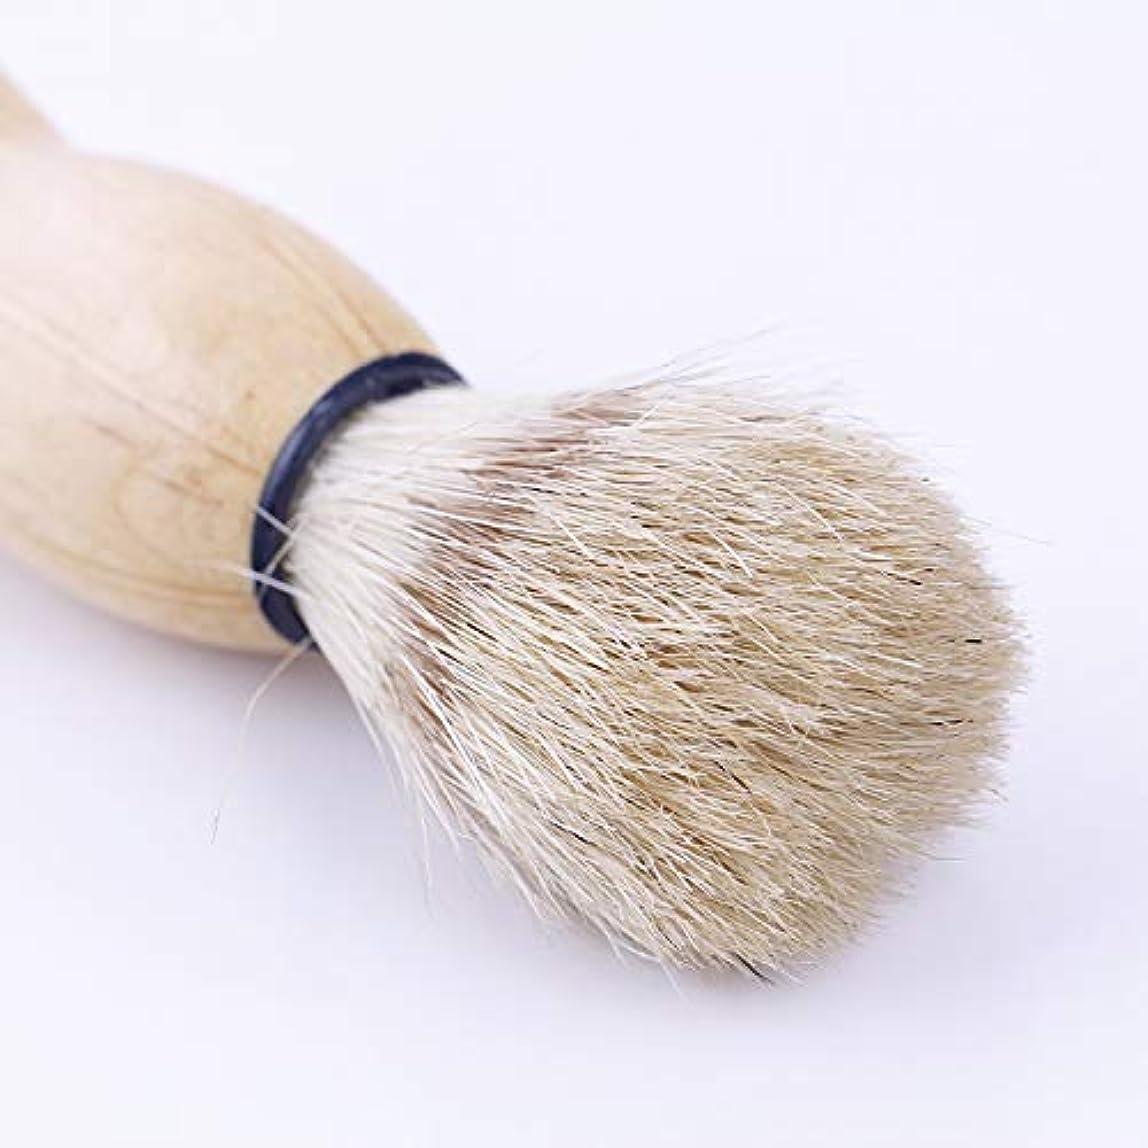 狂信者変形モルヒネSMTHOME シェービング用ブラシ メンズ 100% ウール毛 理容 洗顔 髭剃り 泡立ち